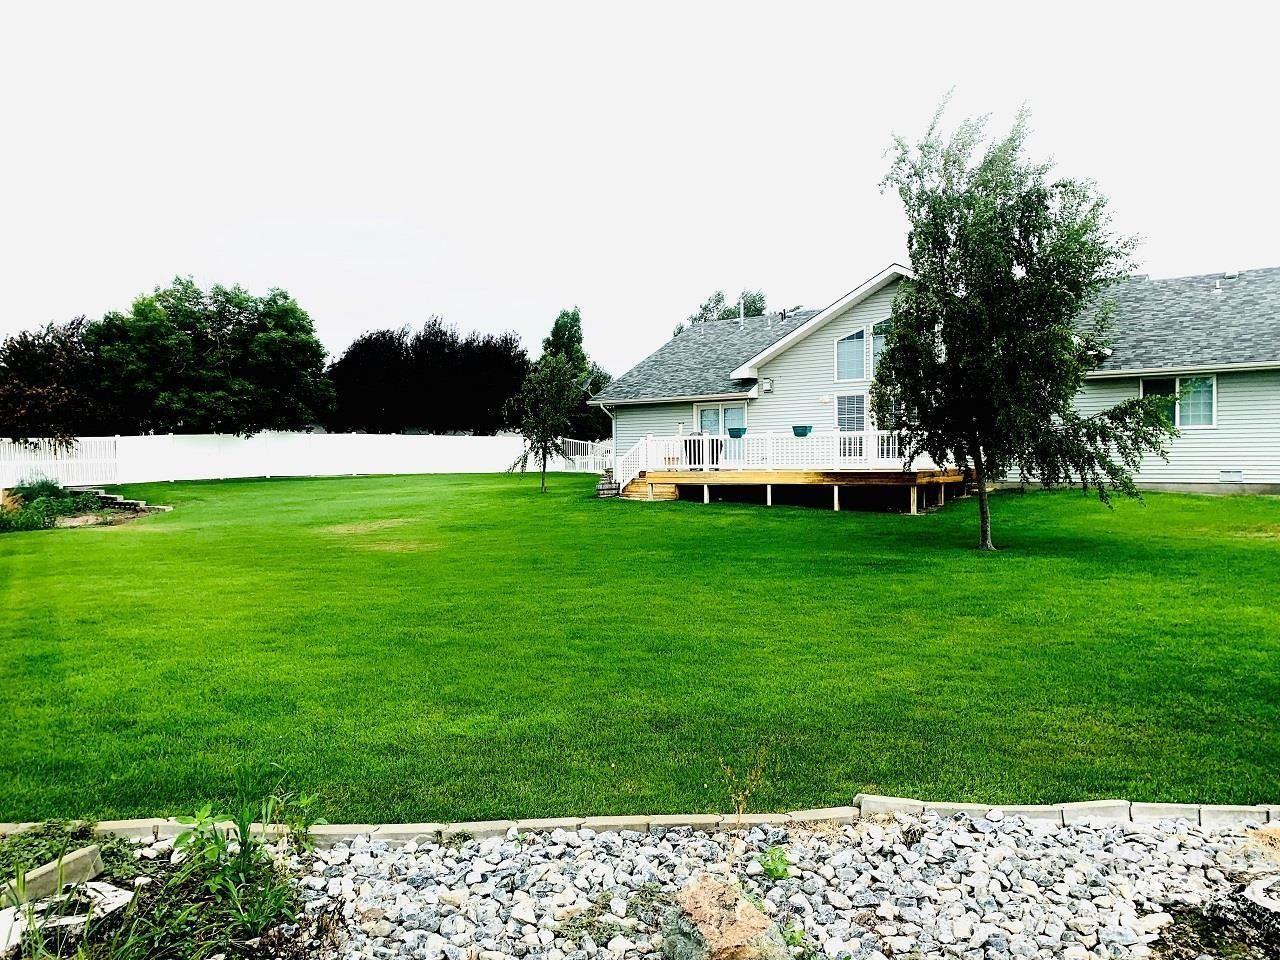 Photo of 317 Greenbrier Drive, Heyburn, ID 83336-0000 (MLS # 98811582)